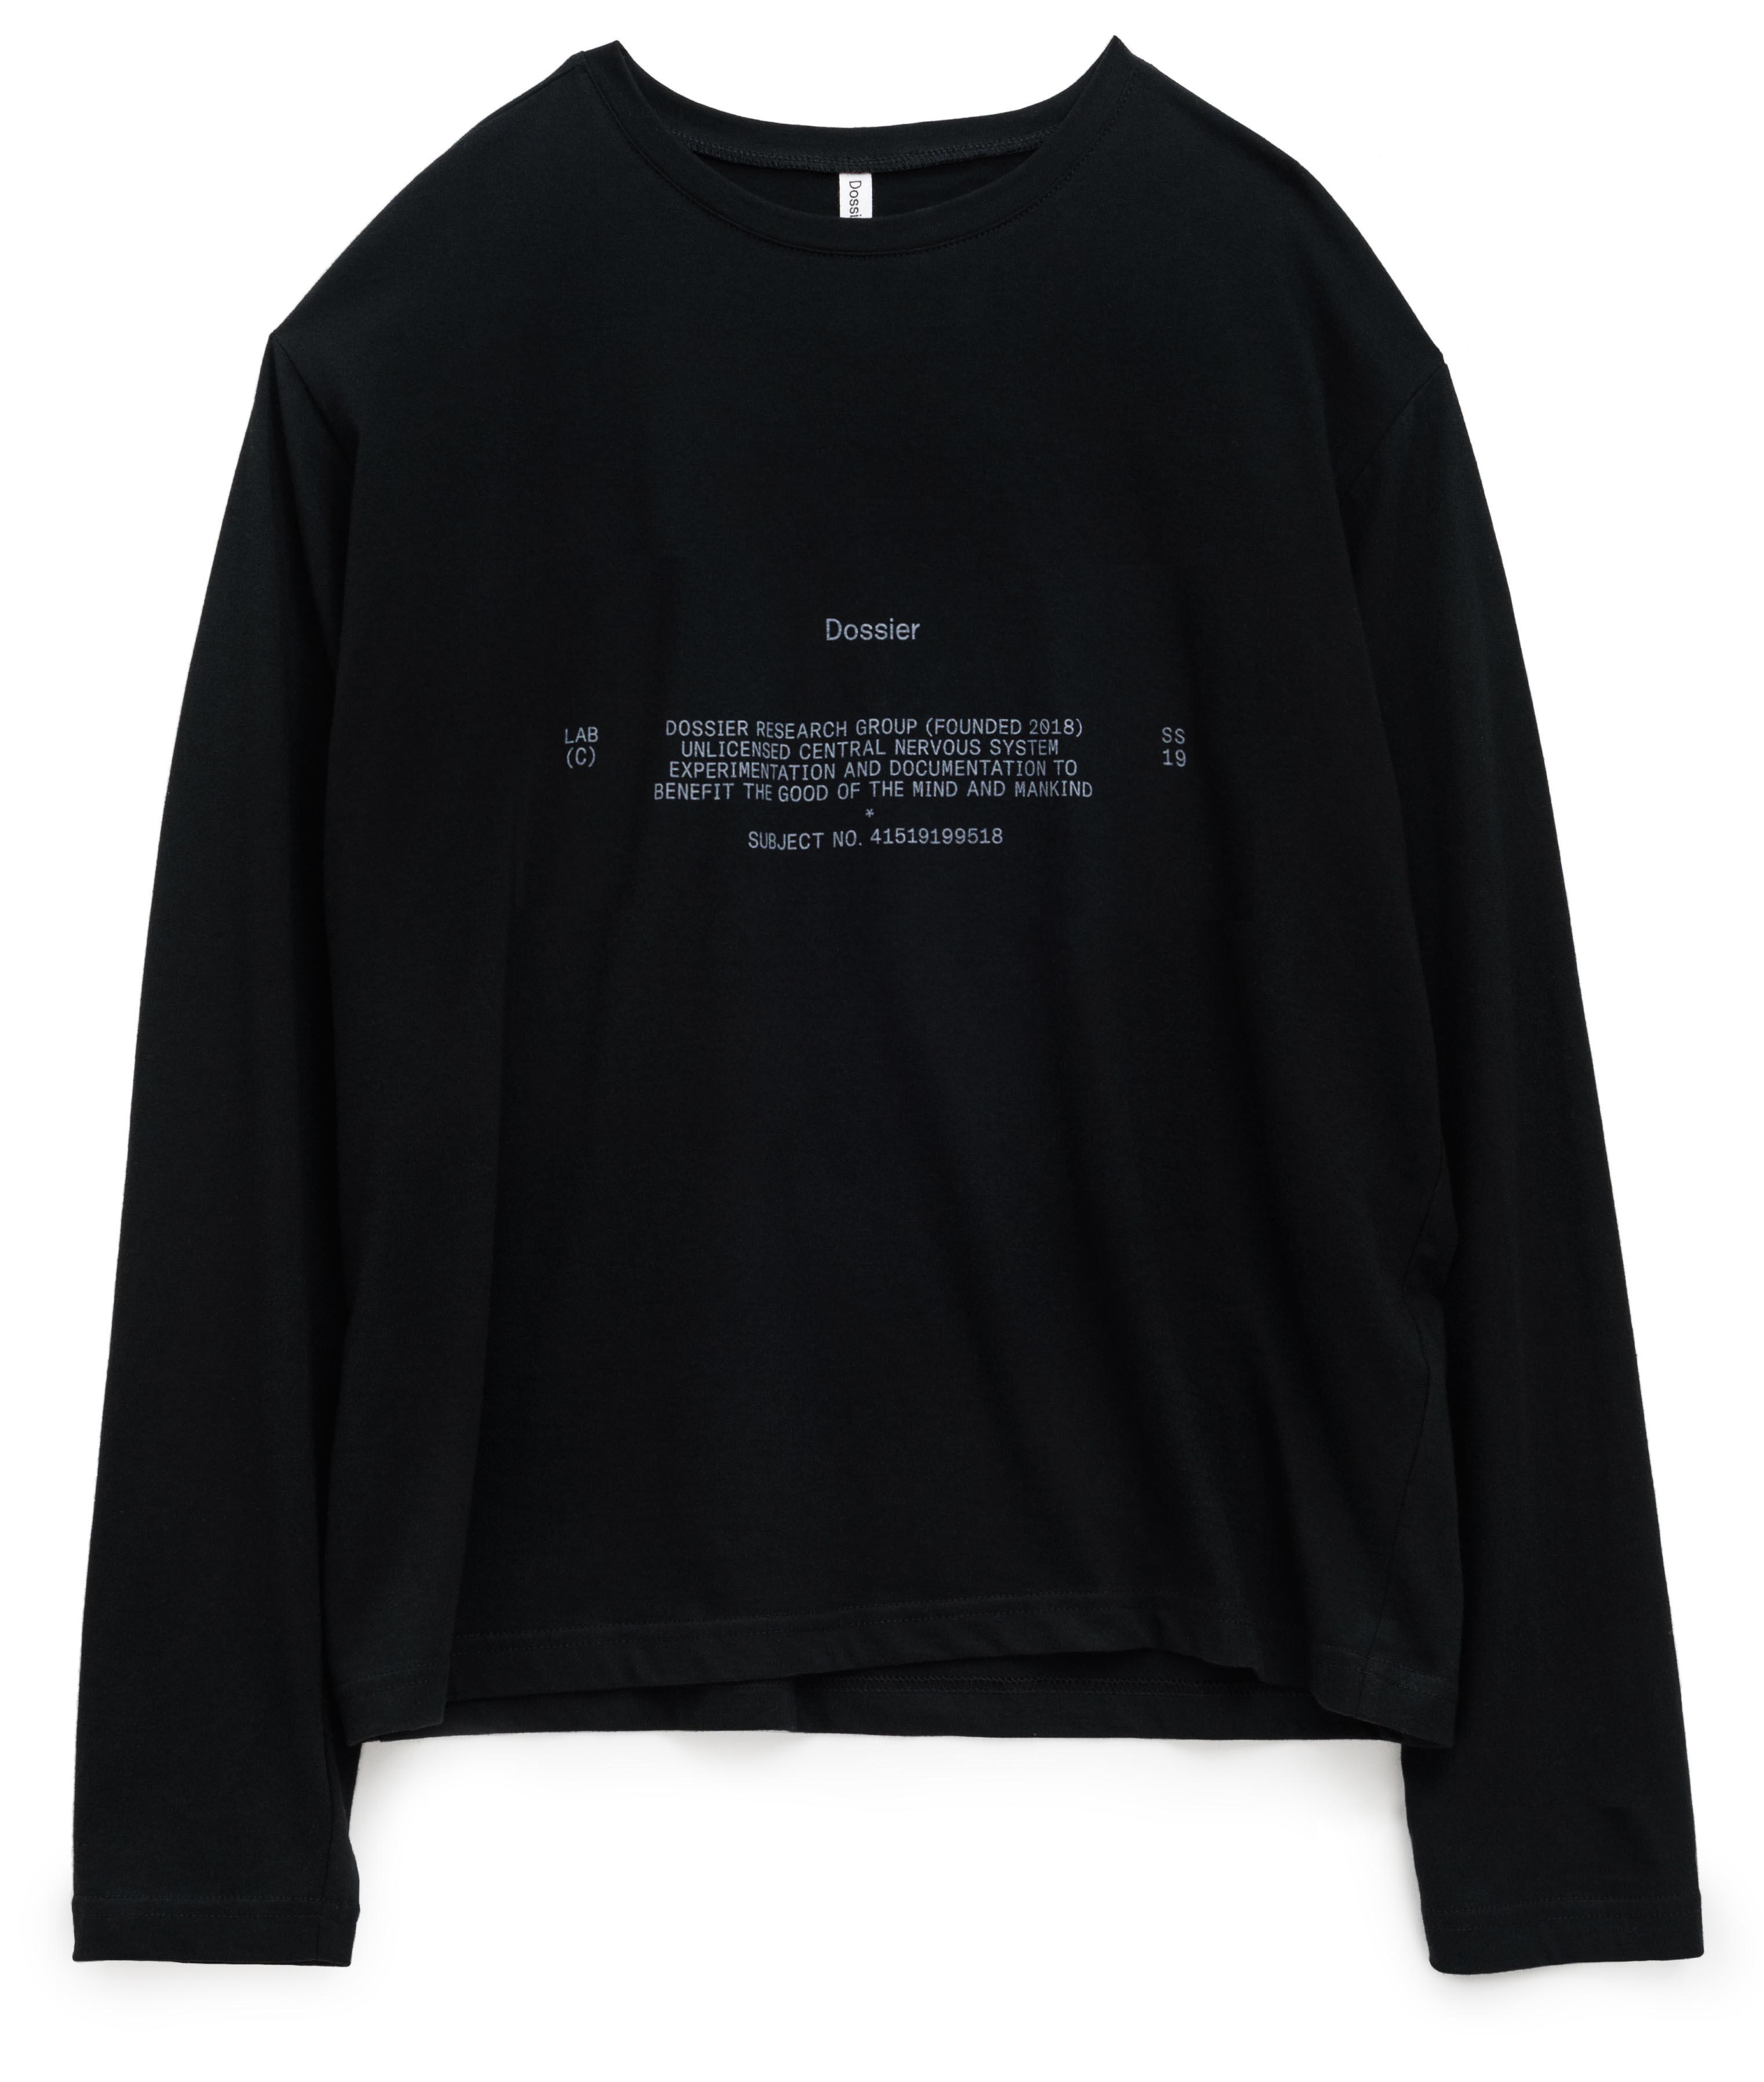 Dossier T-Shirt